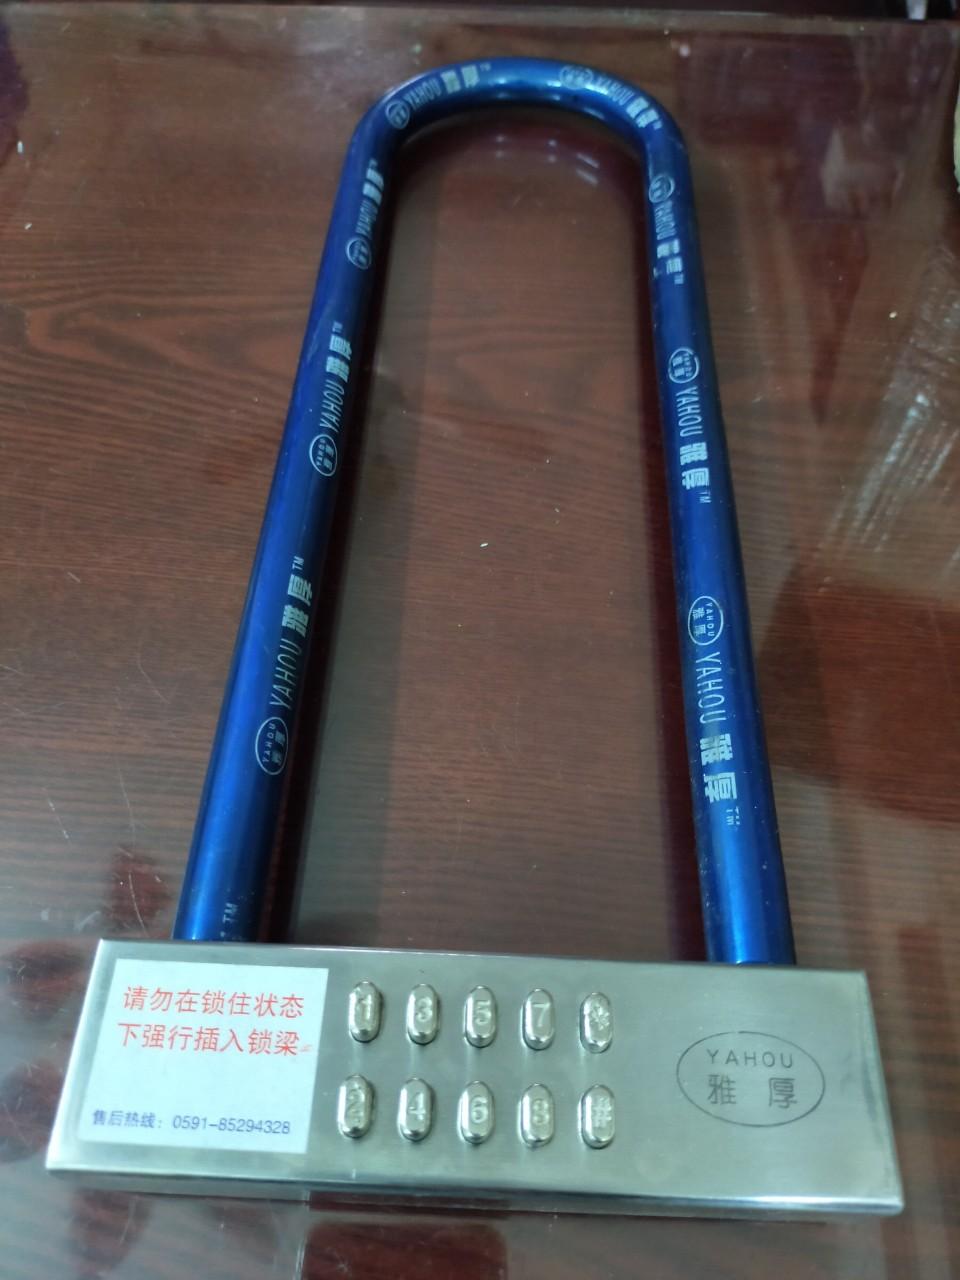 Khóa mật khẩu chống trộm xe máy MT-103G